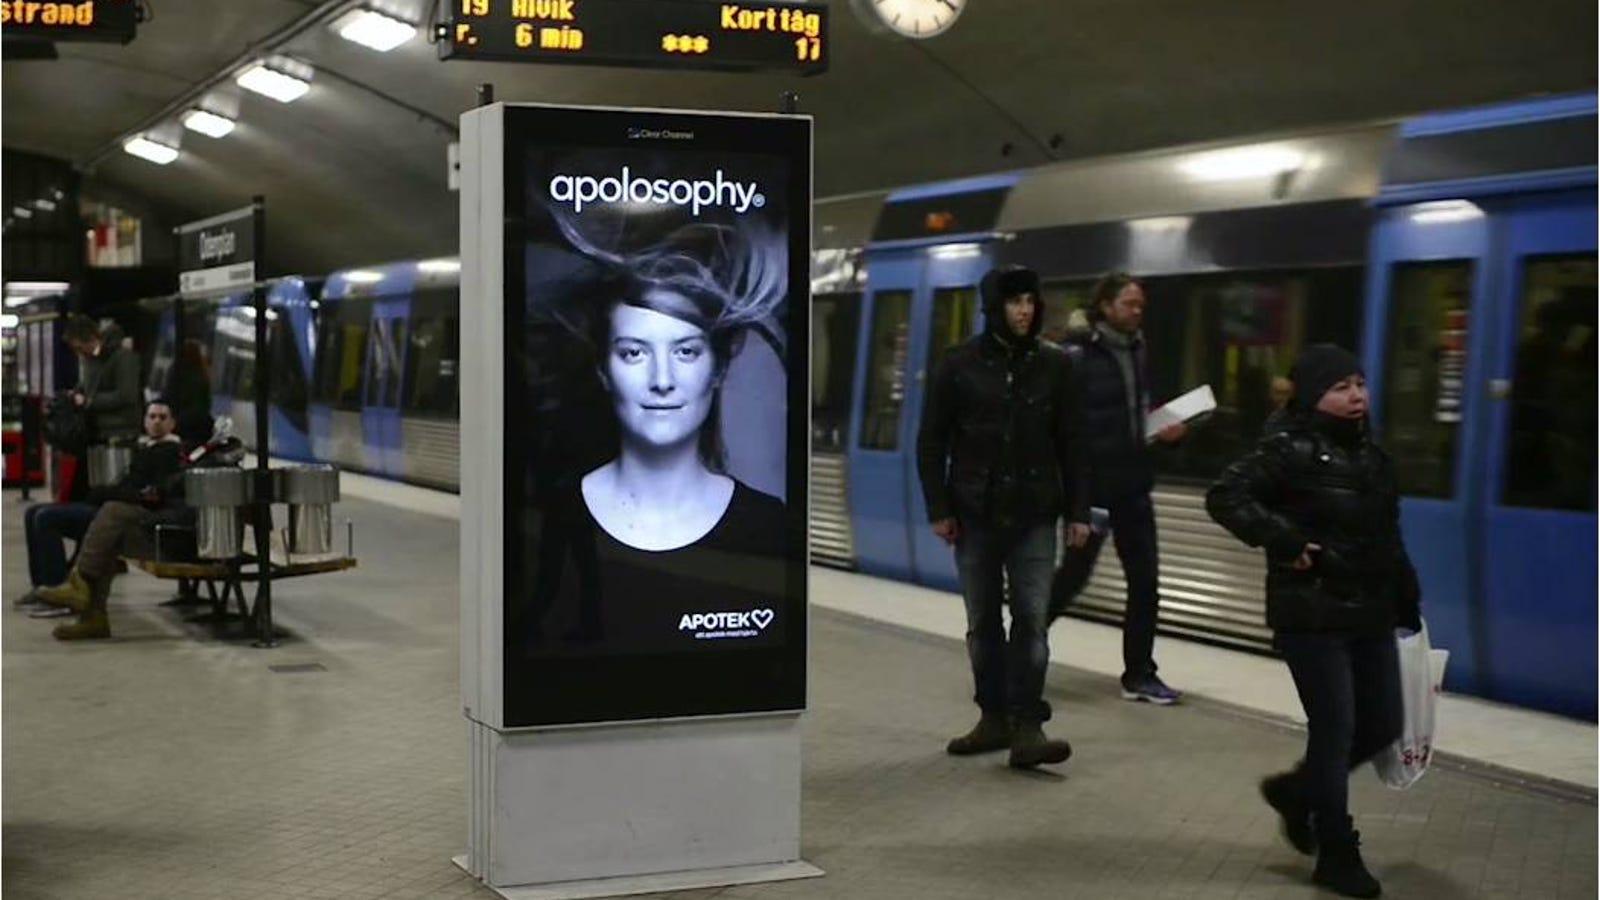 La modelo de este anuncio cobra vida cuando llega el metro